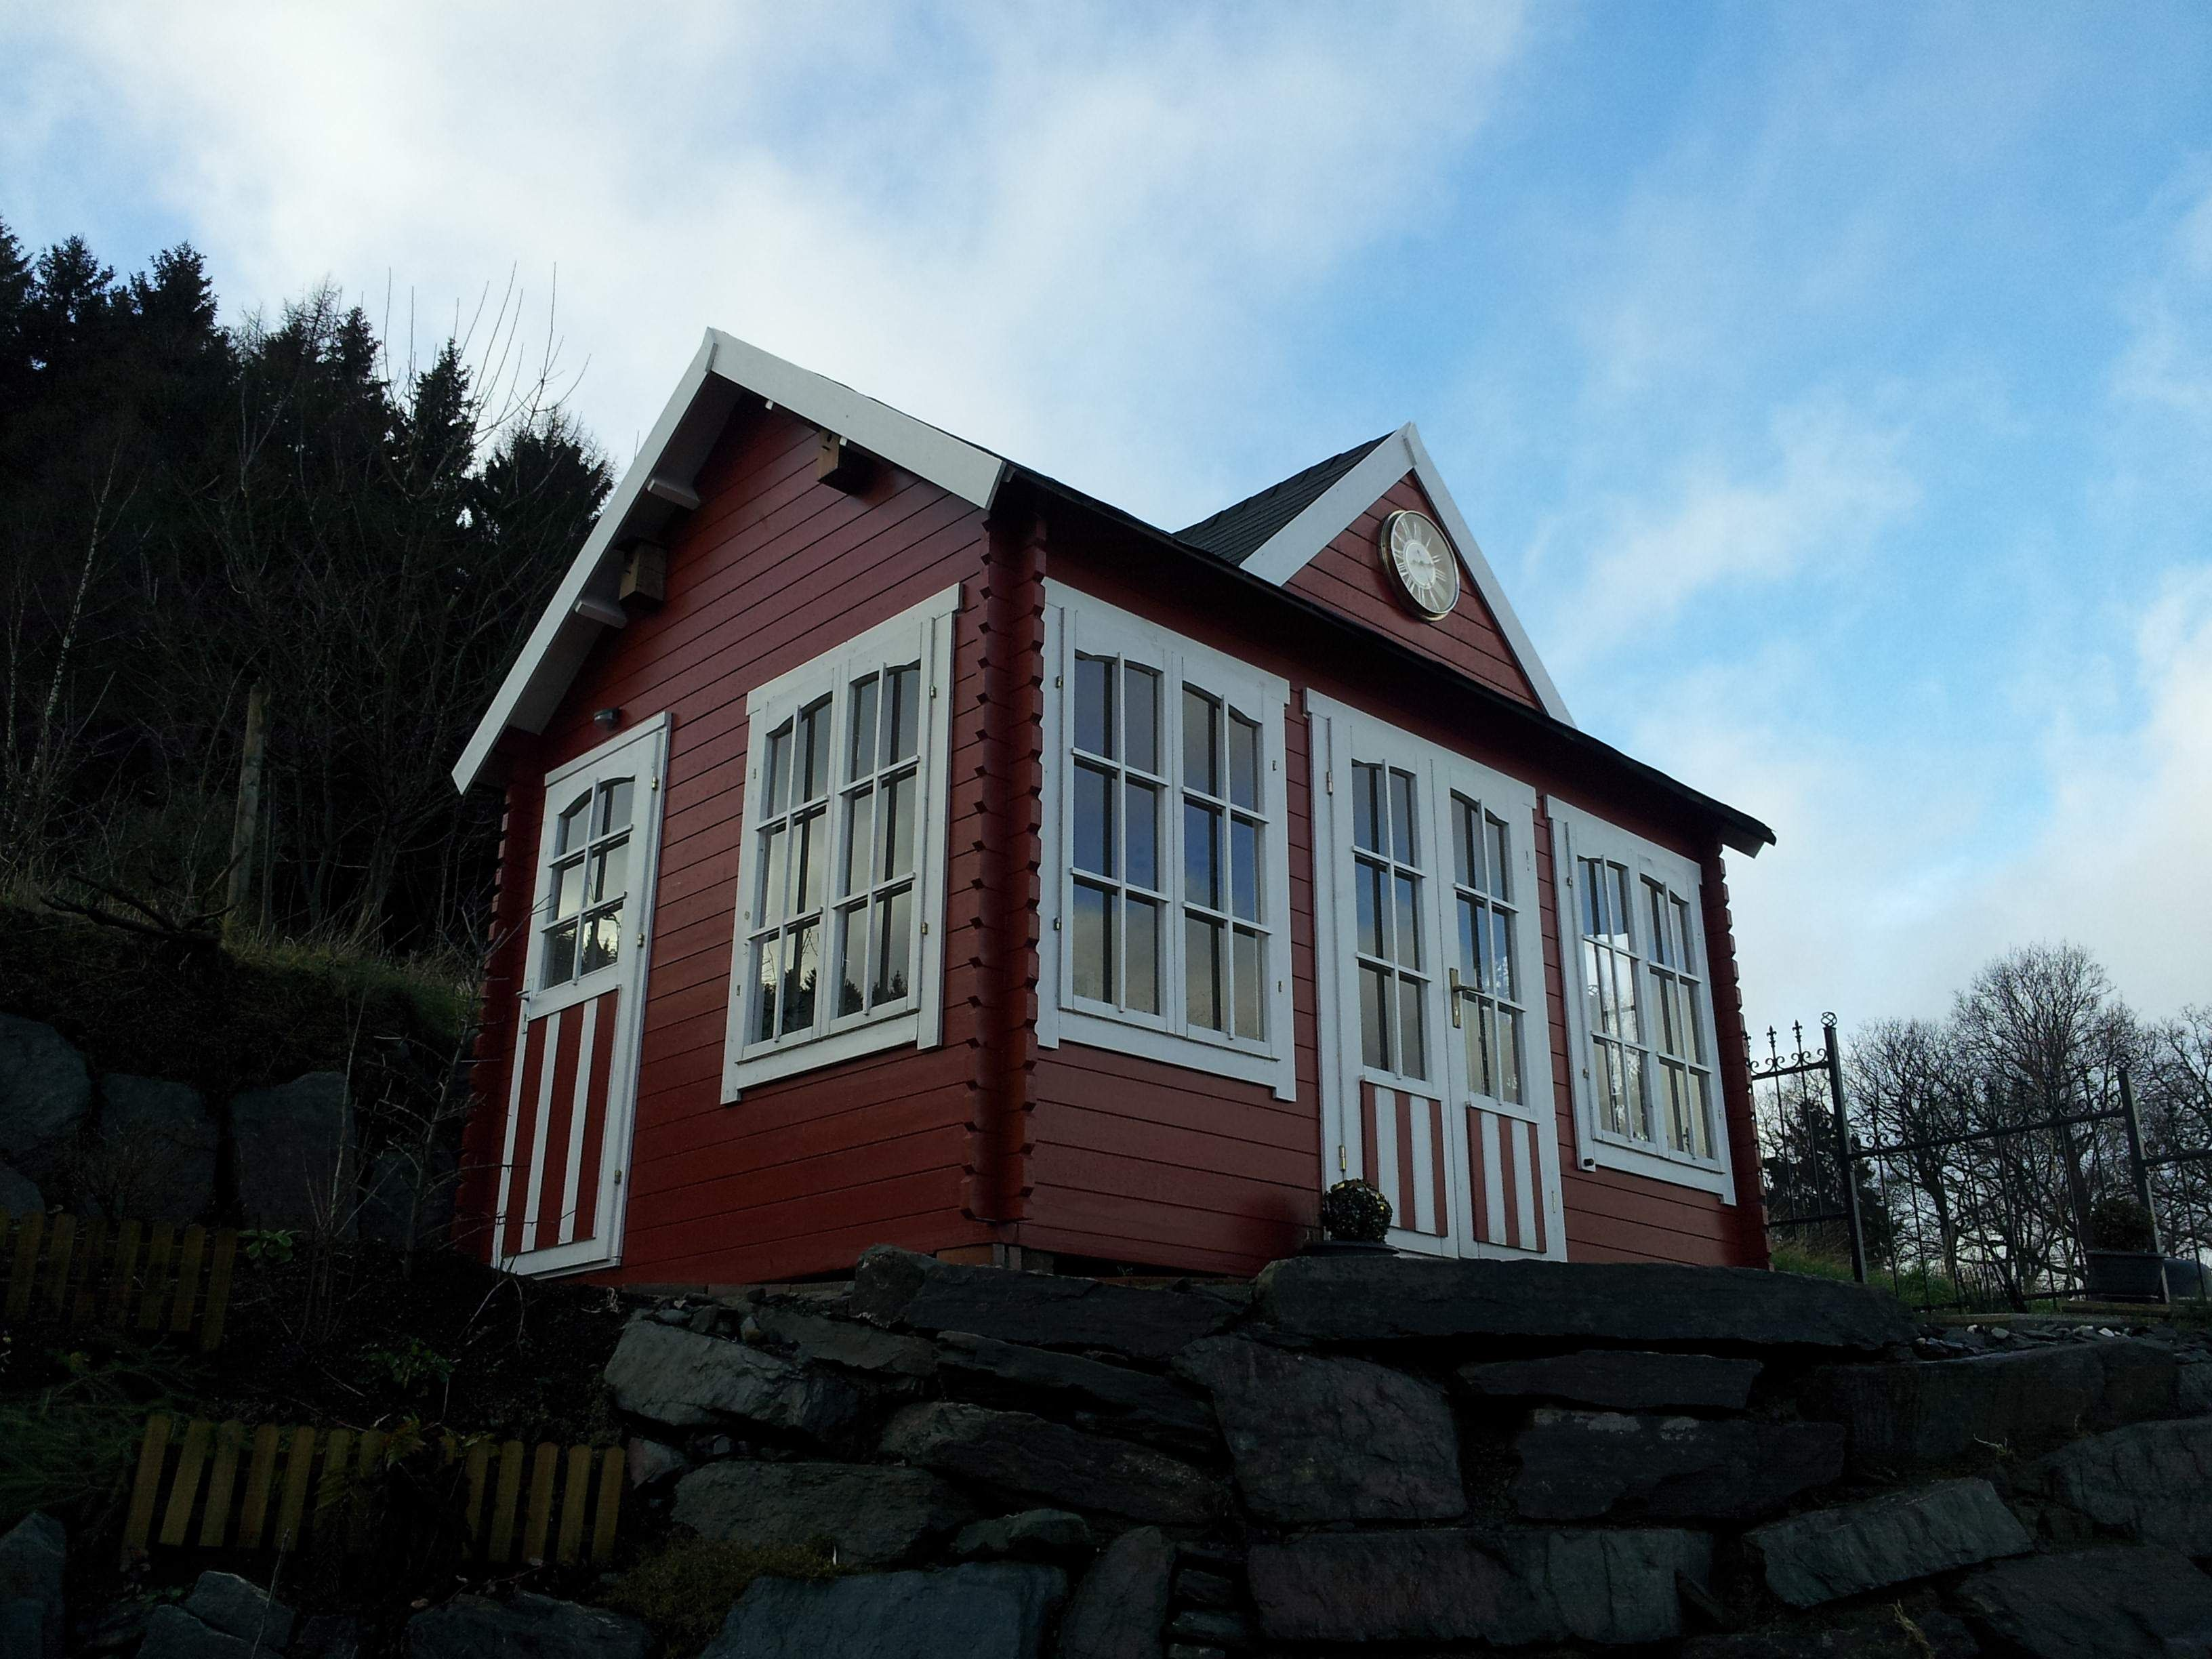 Clockhouse Gartenhaus am Steilhang in knalligem Rot. http://